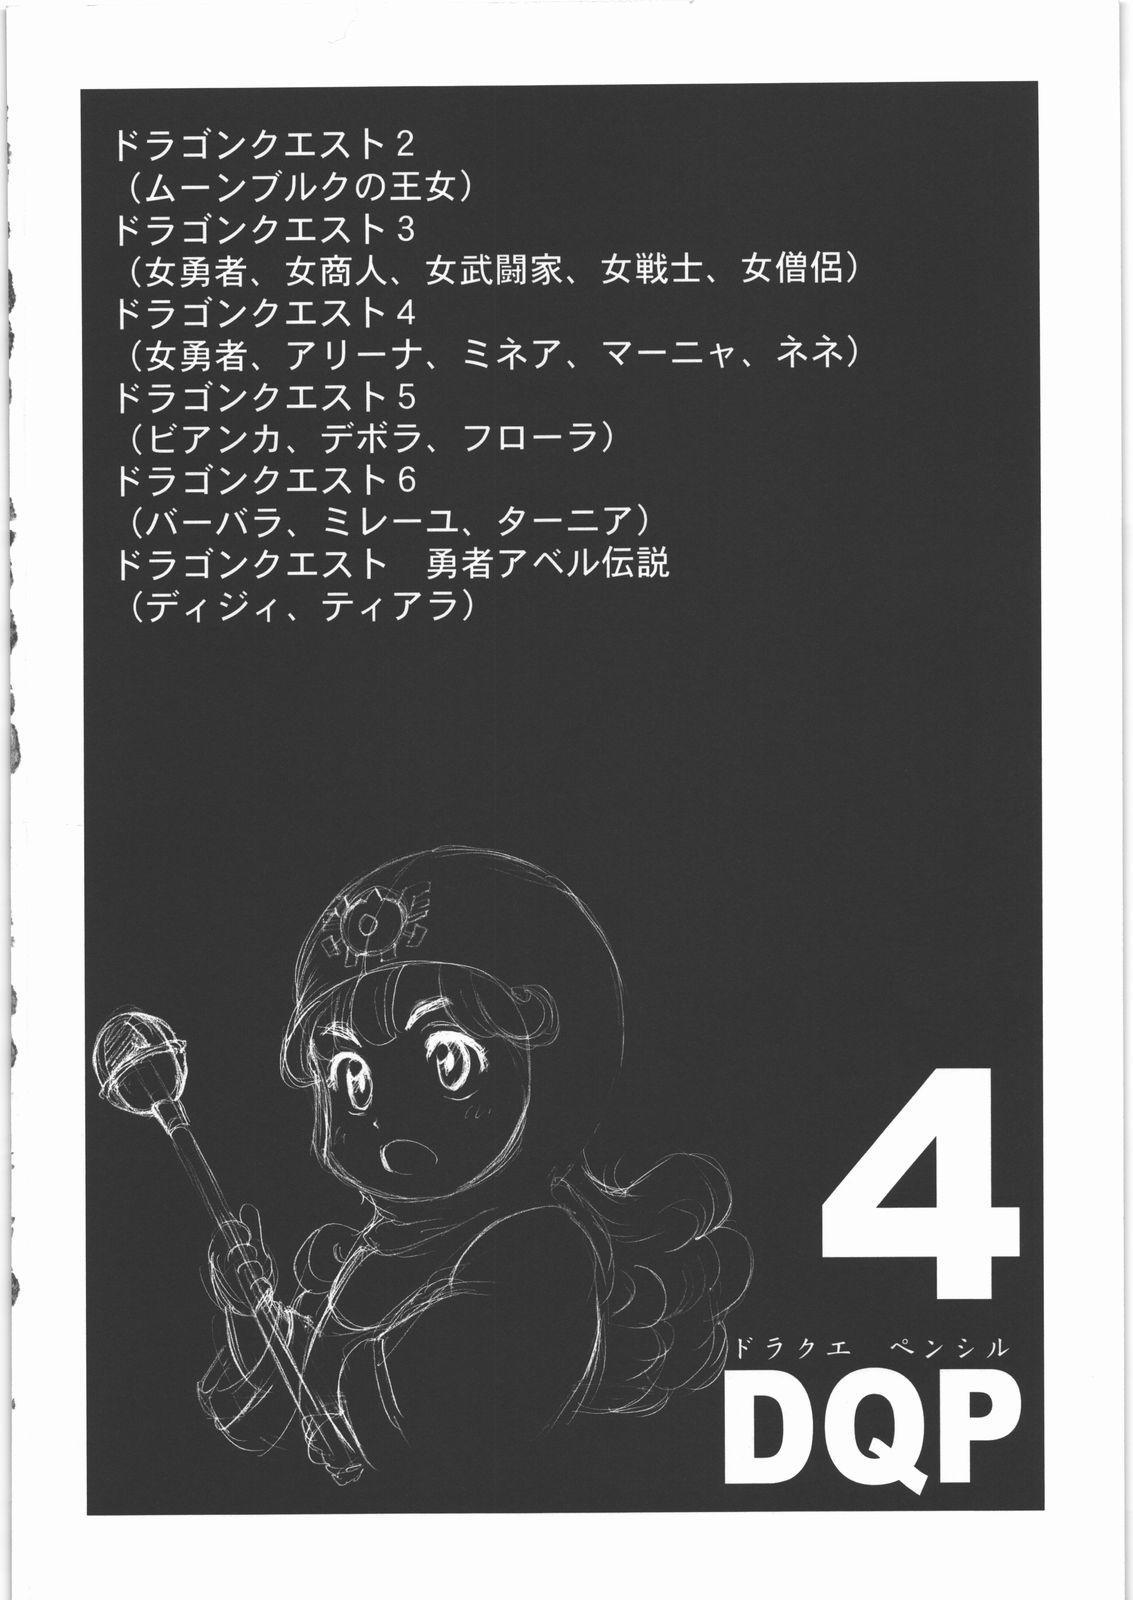 DQP 4 2